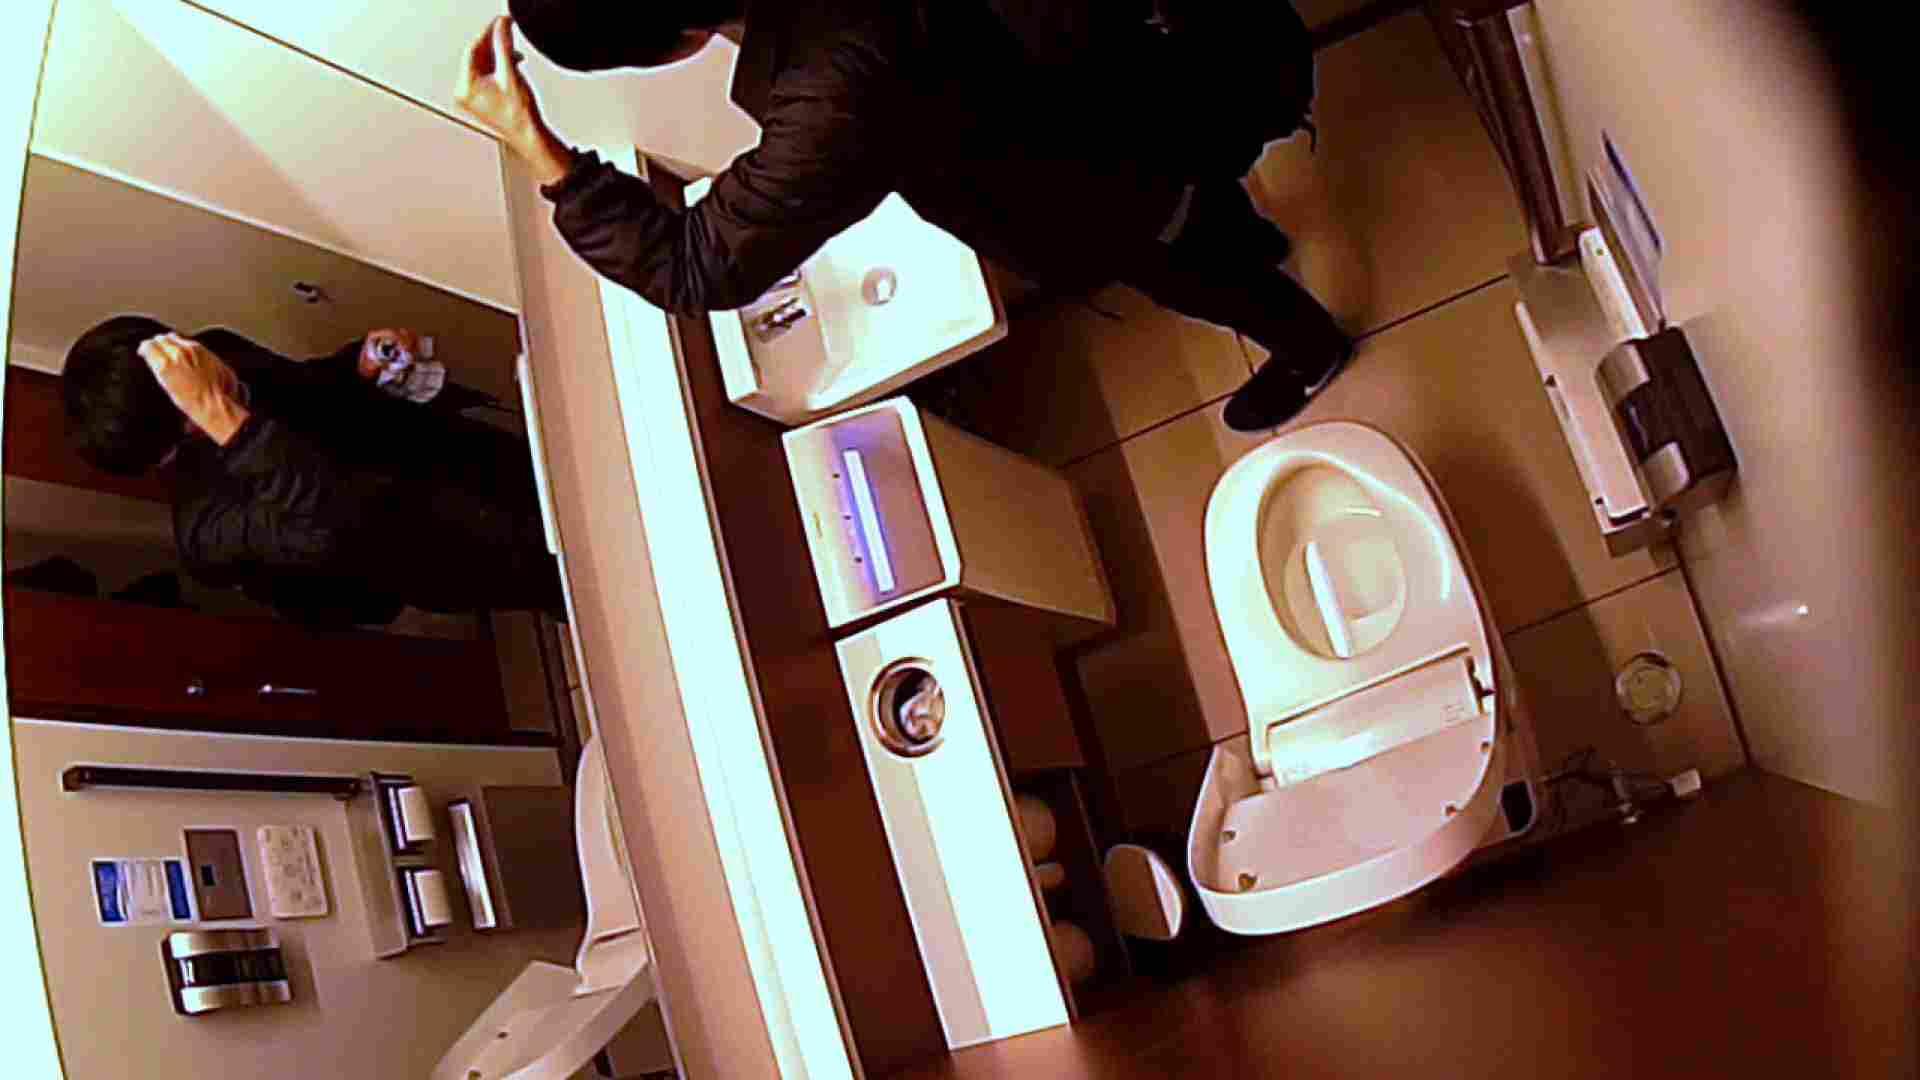 すみませんが覗かせてください Vol.32 トイレ | 0  102pic 87